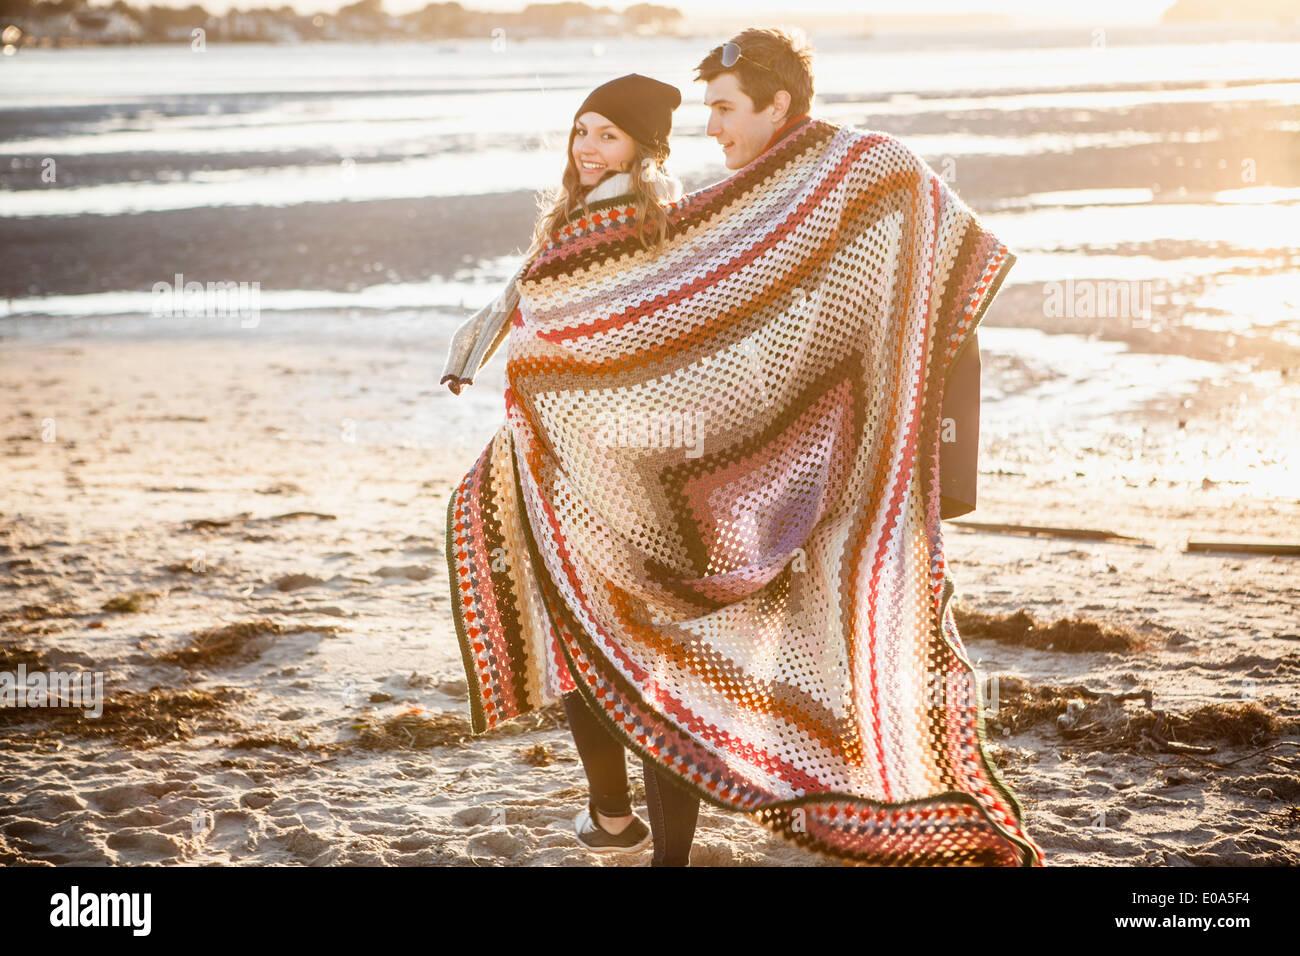 Giovane avvolto in una coperta per passeggiare sulla spiaggia Immagini Stock